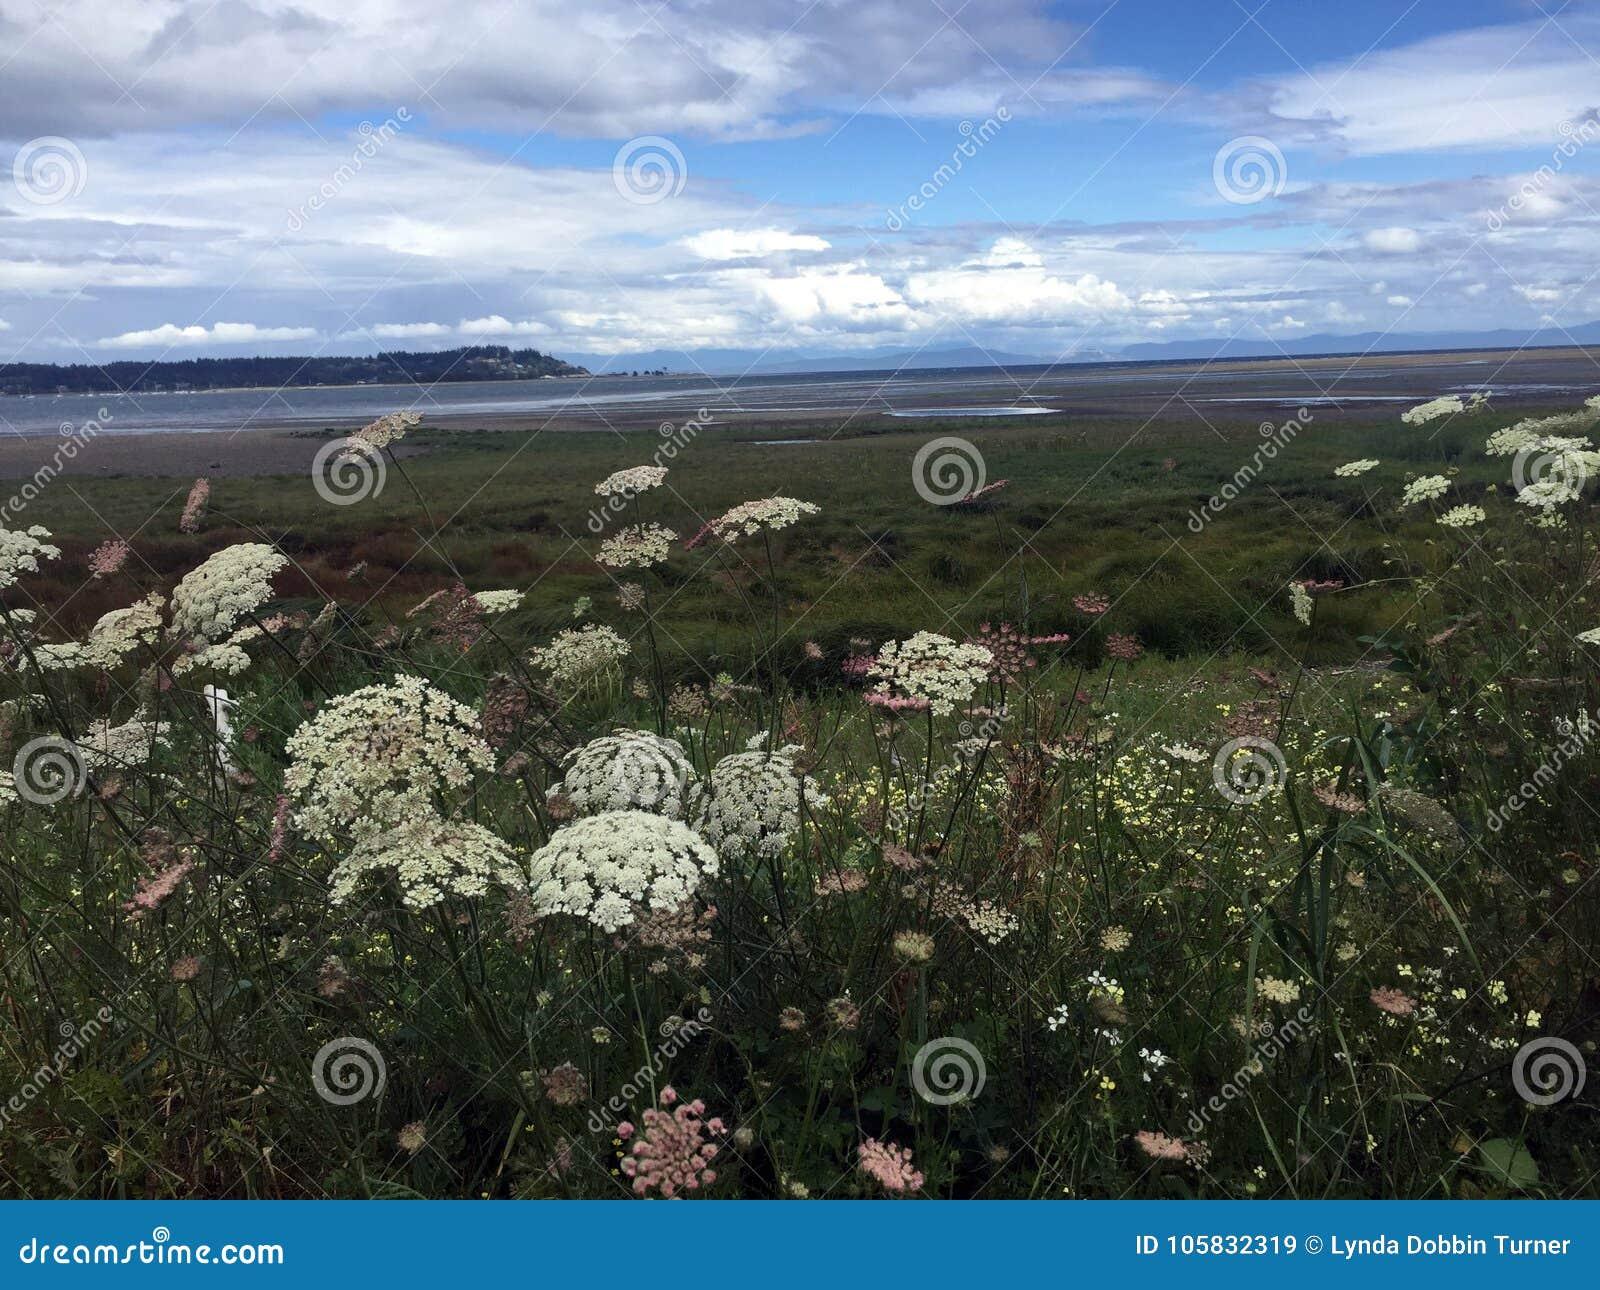 Flores na maré baixa, Royston Seaside Trail, Royston, BC